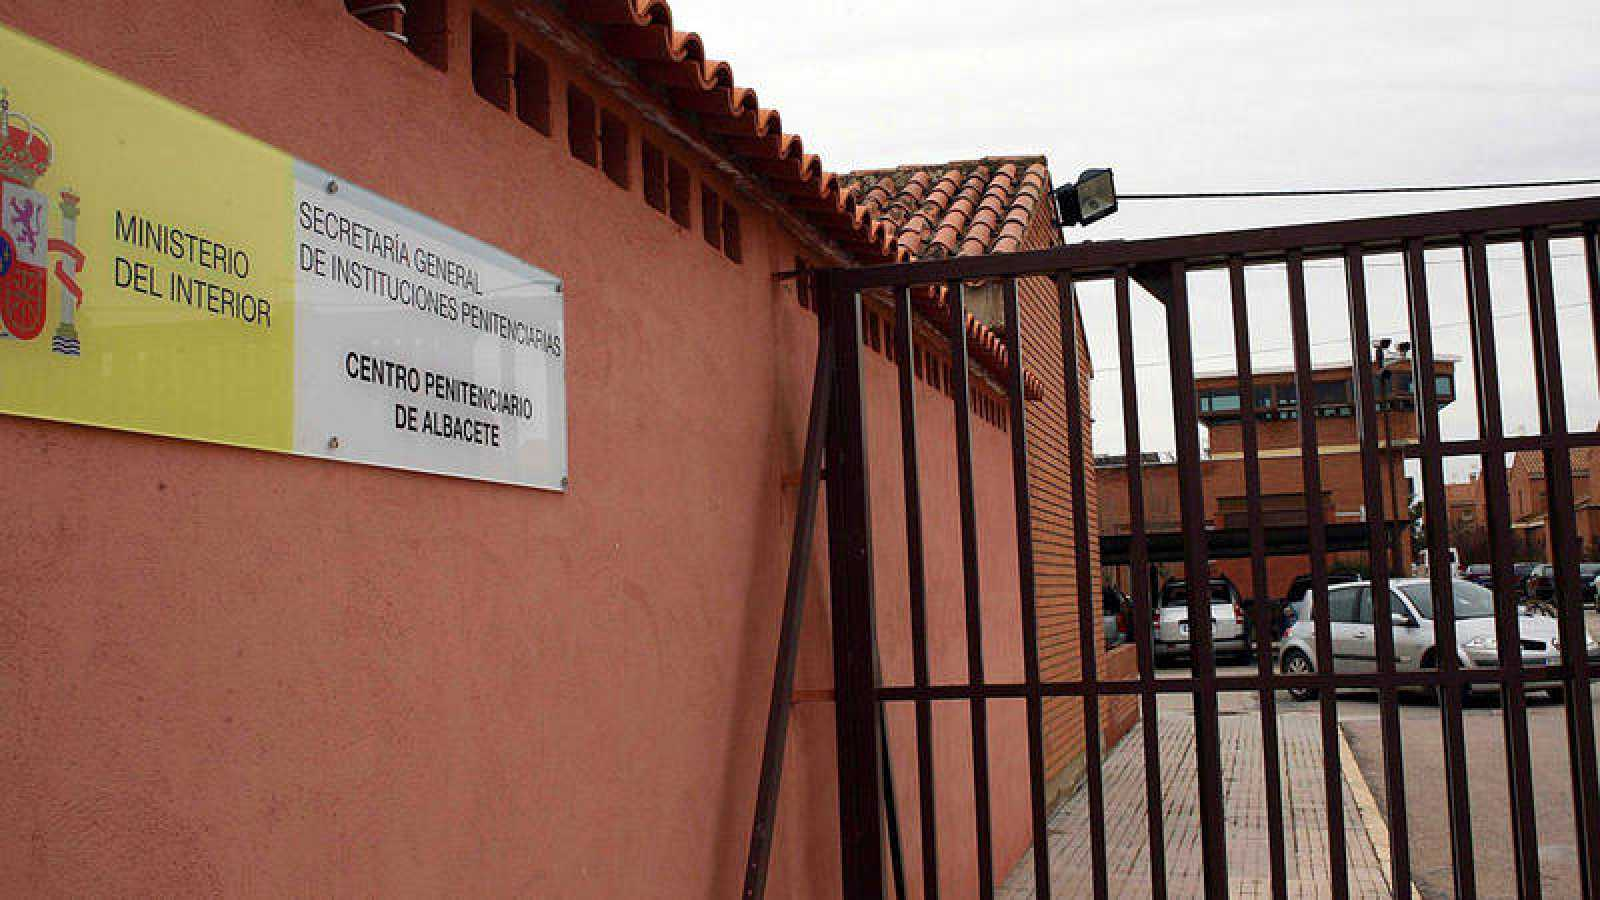 Exterior de la cárcel de La Torrecica, en Albacete, donde se encuentra el matrimonio de Caudete (Albacete) acusado de la muerte de sus dos bebés. Efe/Manu